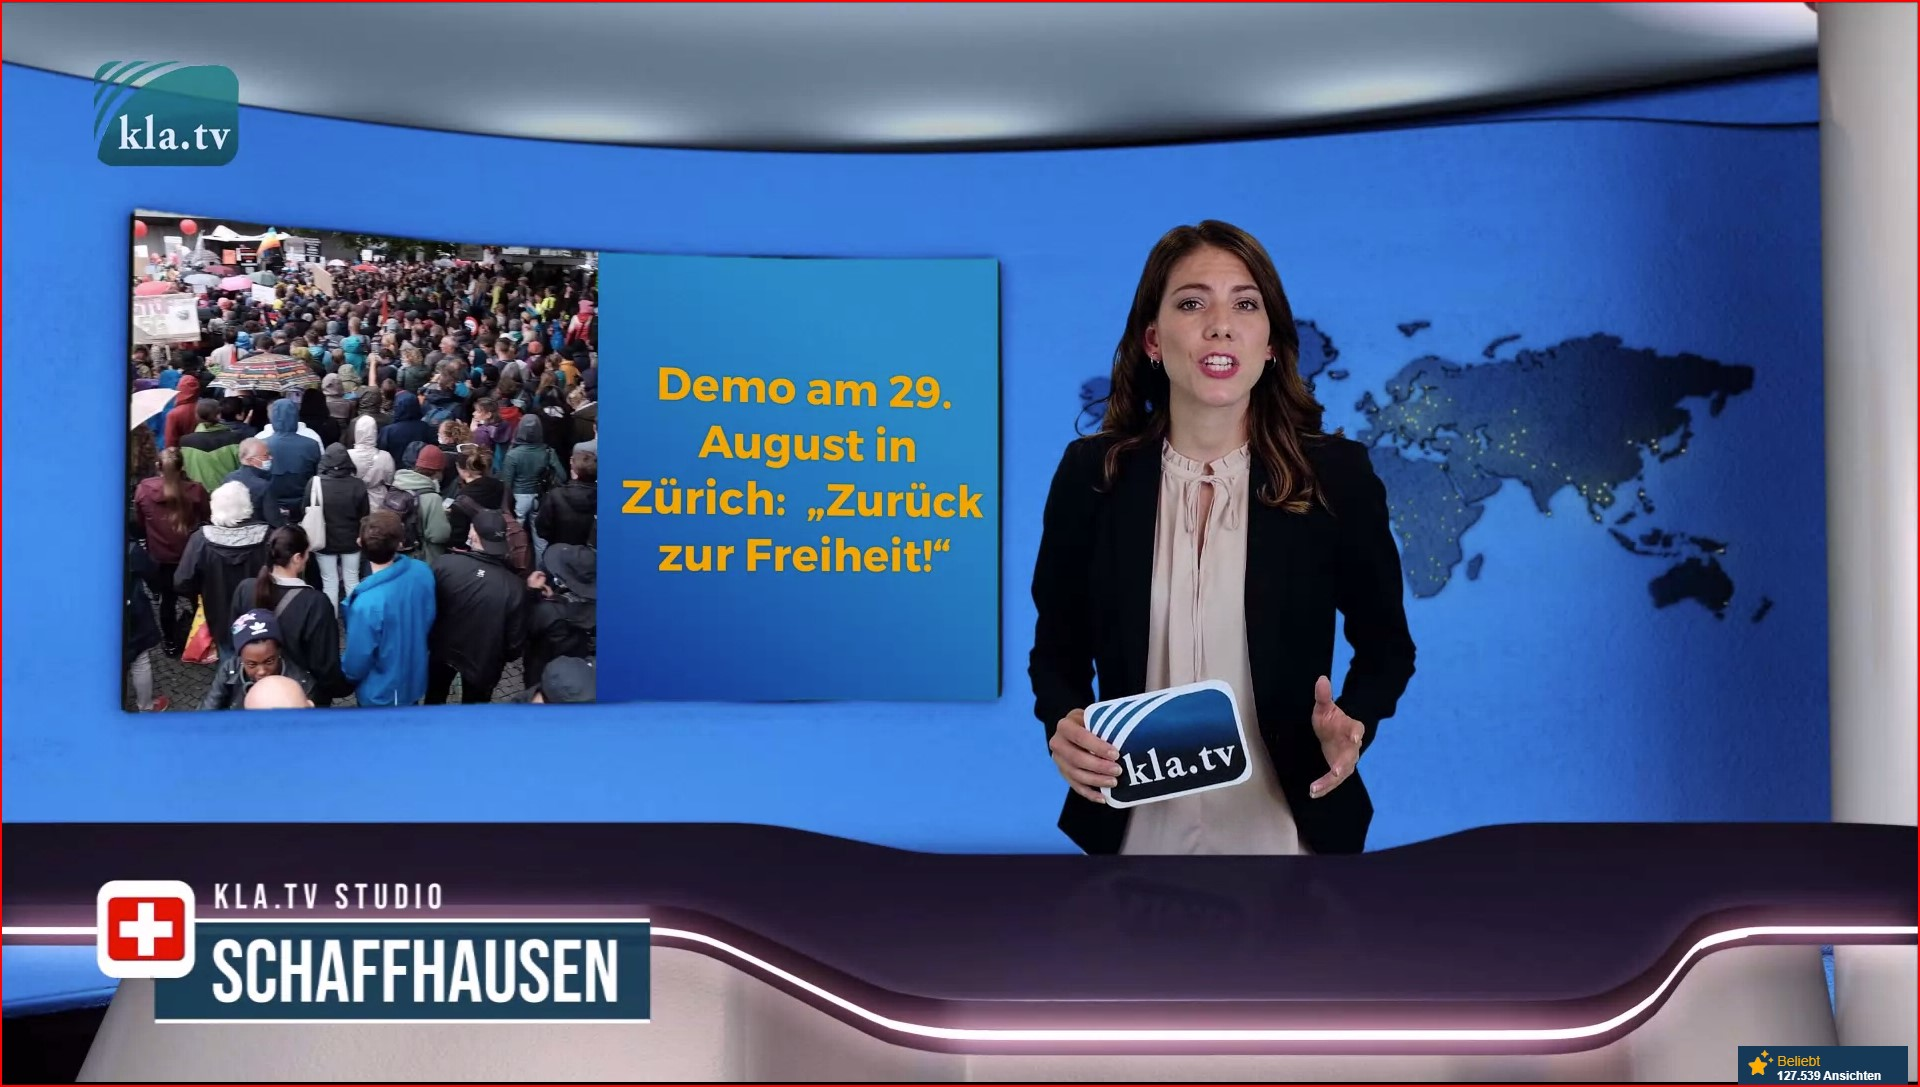 Kla.TV Demo 29.08.2020 Zürich